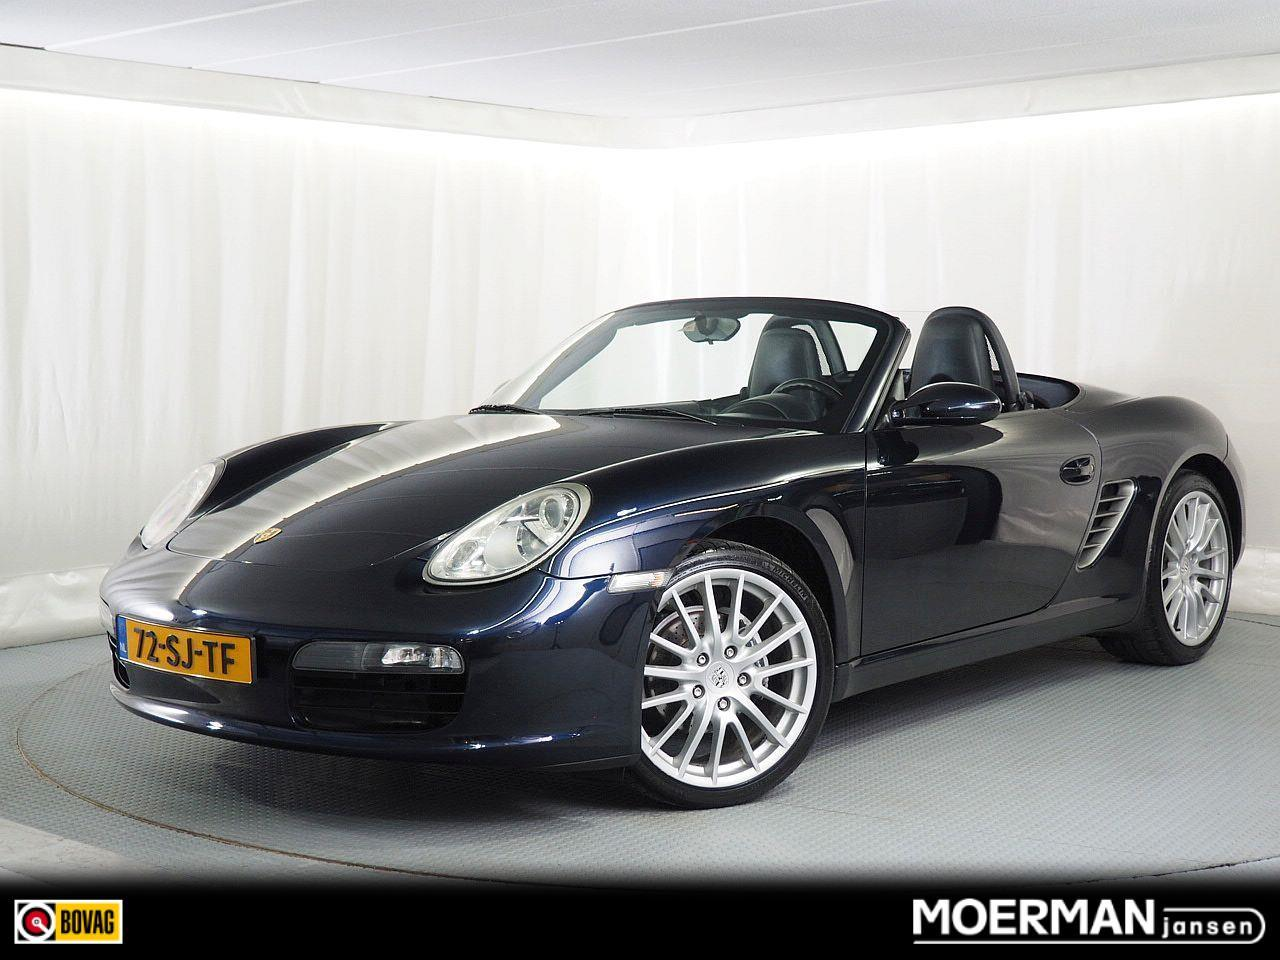 Porsche Boxster 2.7 tiptronic / nl auto / automaat / hardtop / leder / navigatie / historie bekend